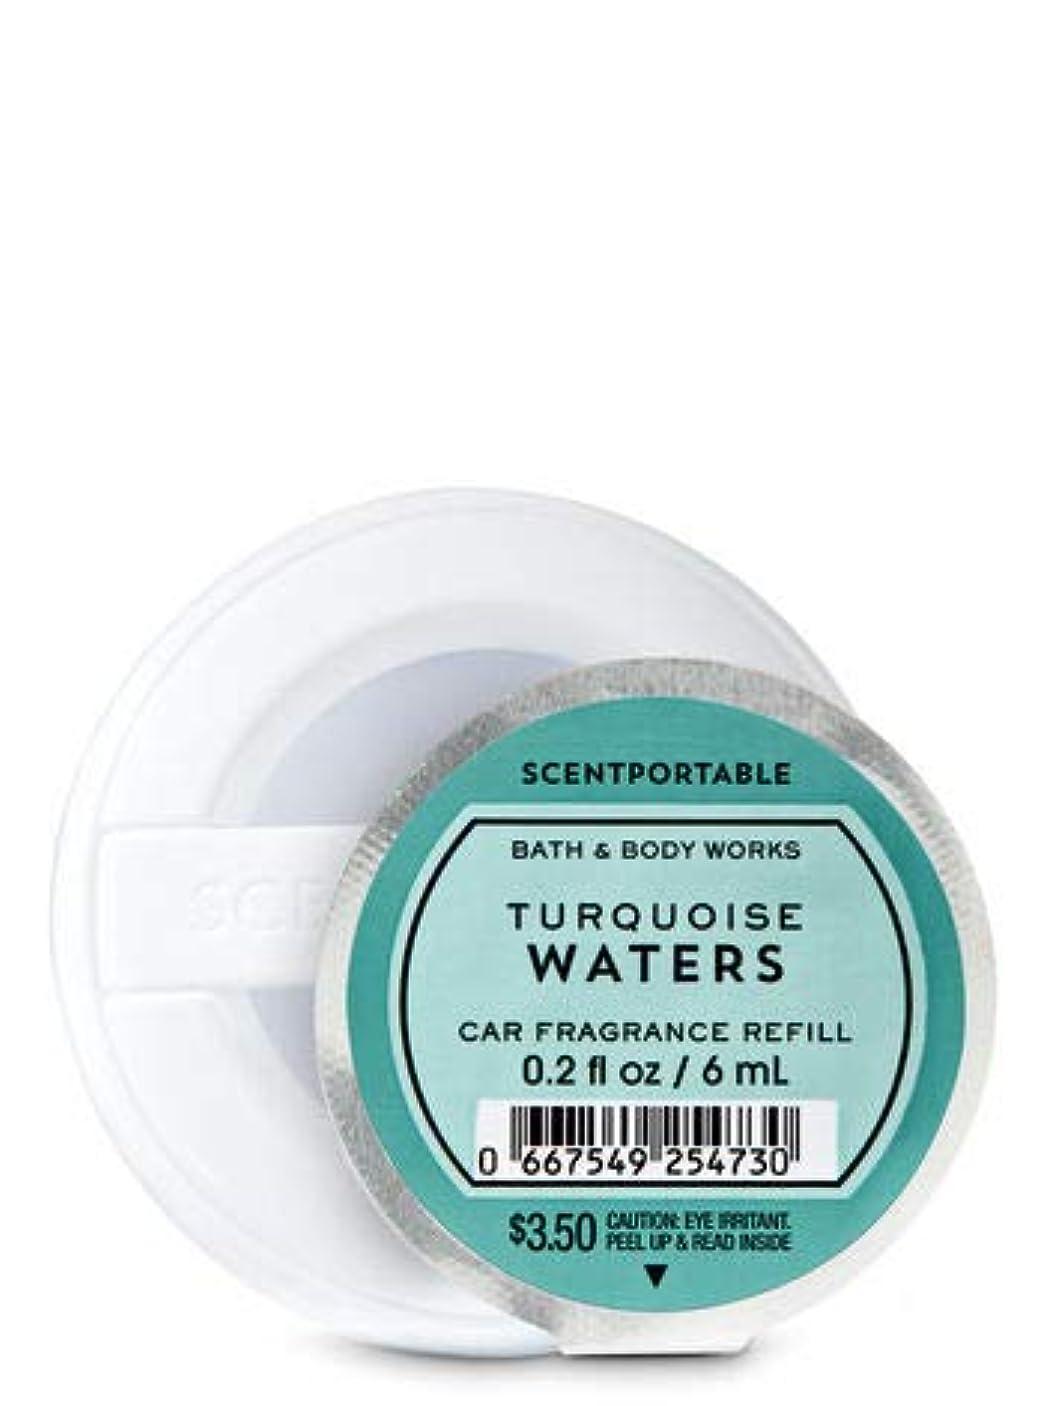 ペンフレンド引き出すパーセント【Bath&Body Works/バス&ボディワークス】 クリップ式芳香剤 セントポータブル詰替えリフィル ターコイズウォーター Scentportable Fragrance Refill Turquoise Waters [並行輸入品]